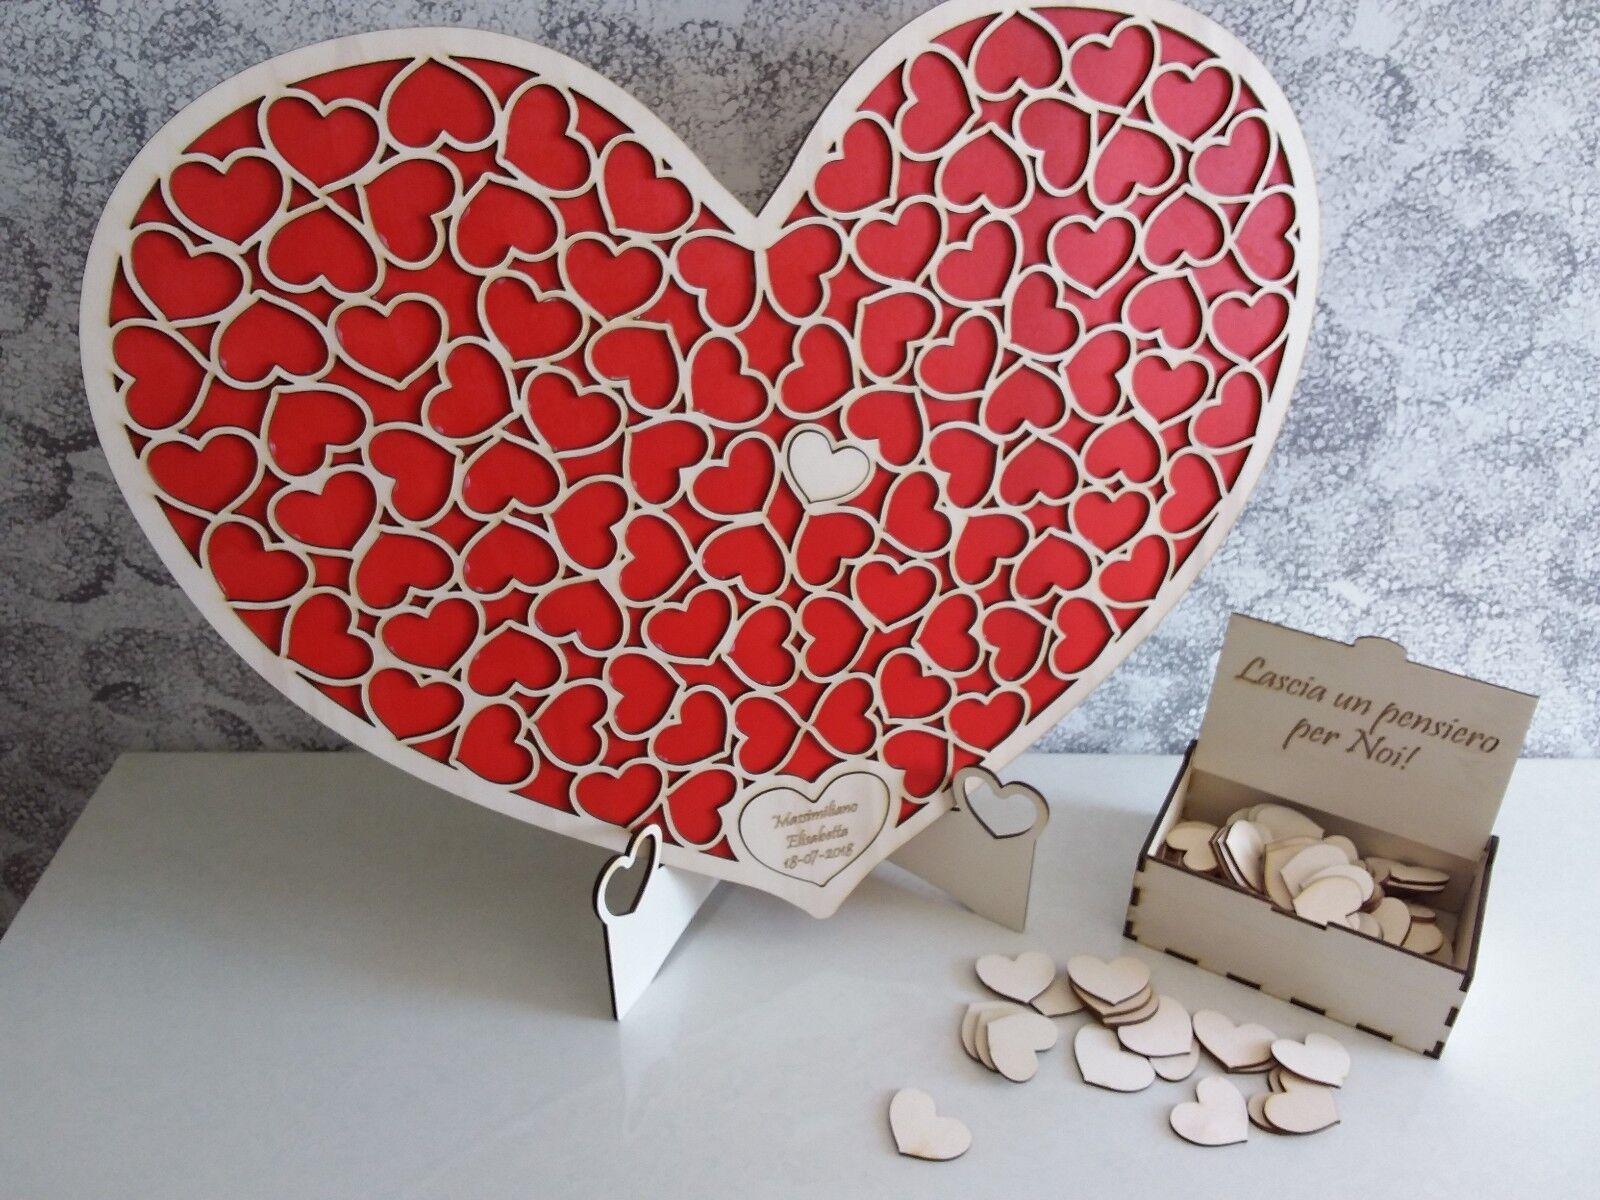 Guest book matrimonio libro degli ospiti dropbox legno nozze puzzle cuore heart